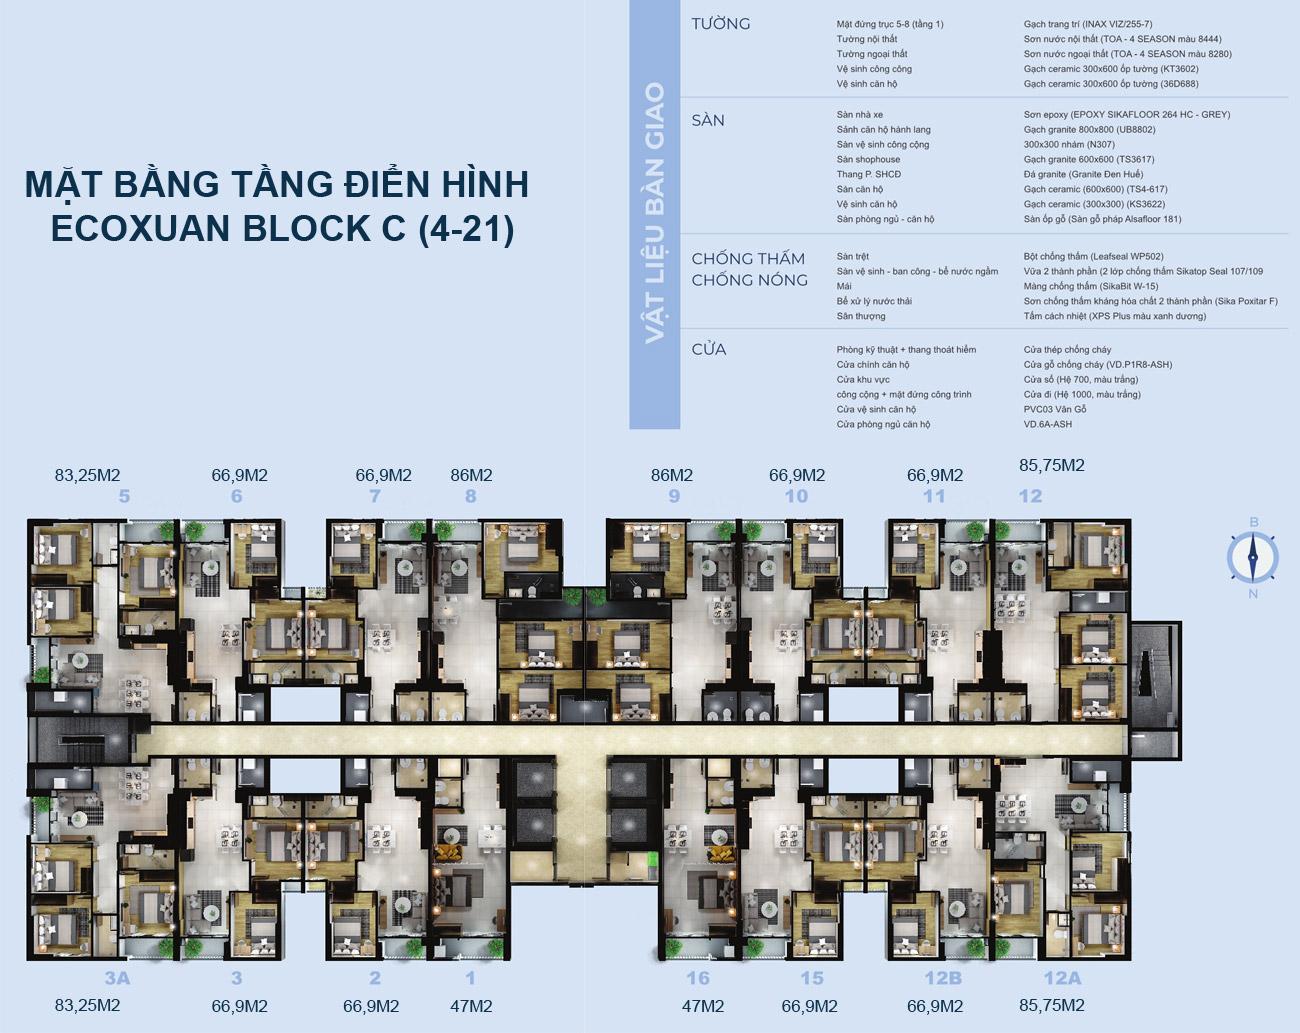 Mặt bằng tầng 4-21 Block C dự án căn hộ chung cư EcoXuan Lái Thiêu Bình Dương